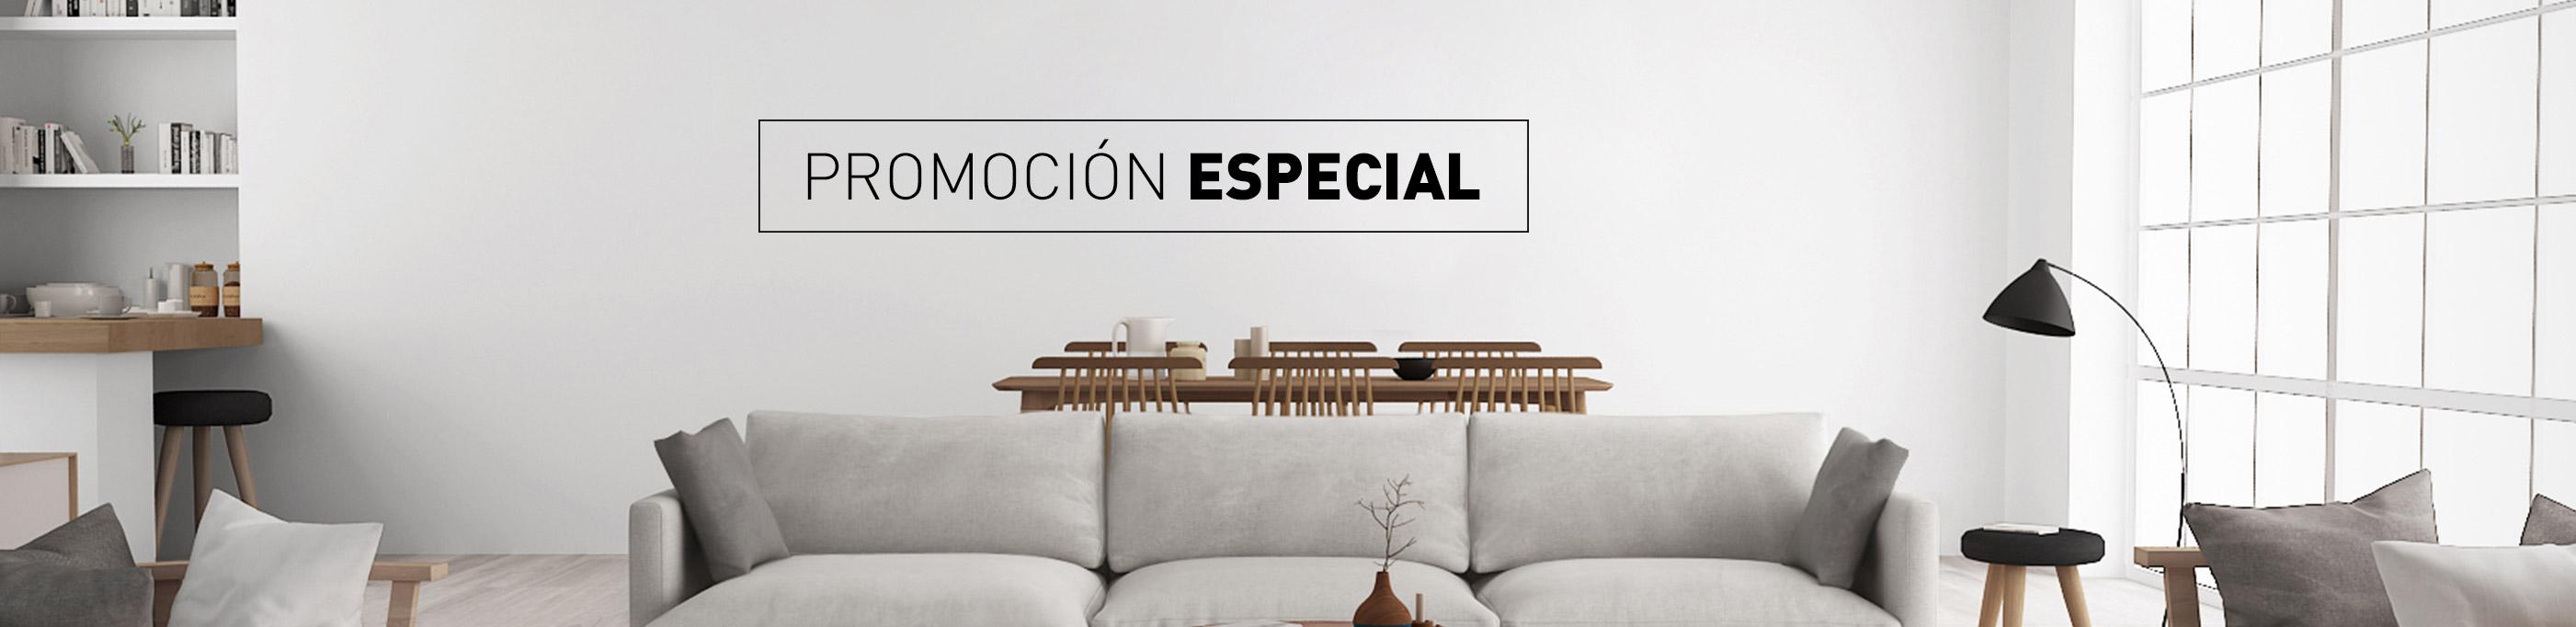 Promoción-Especial